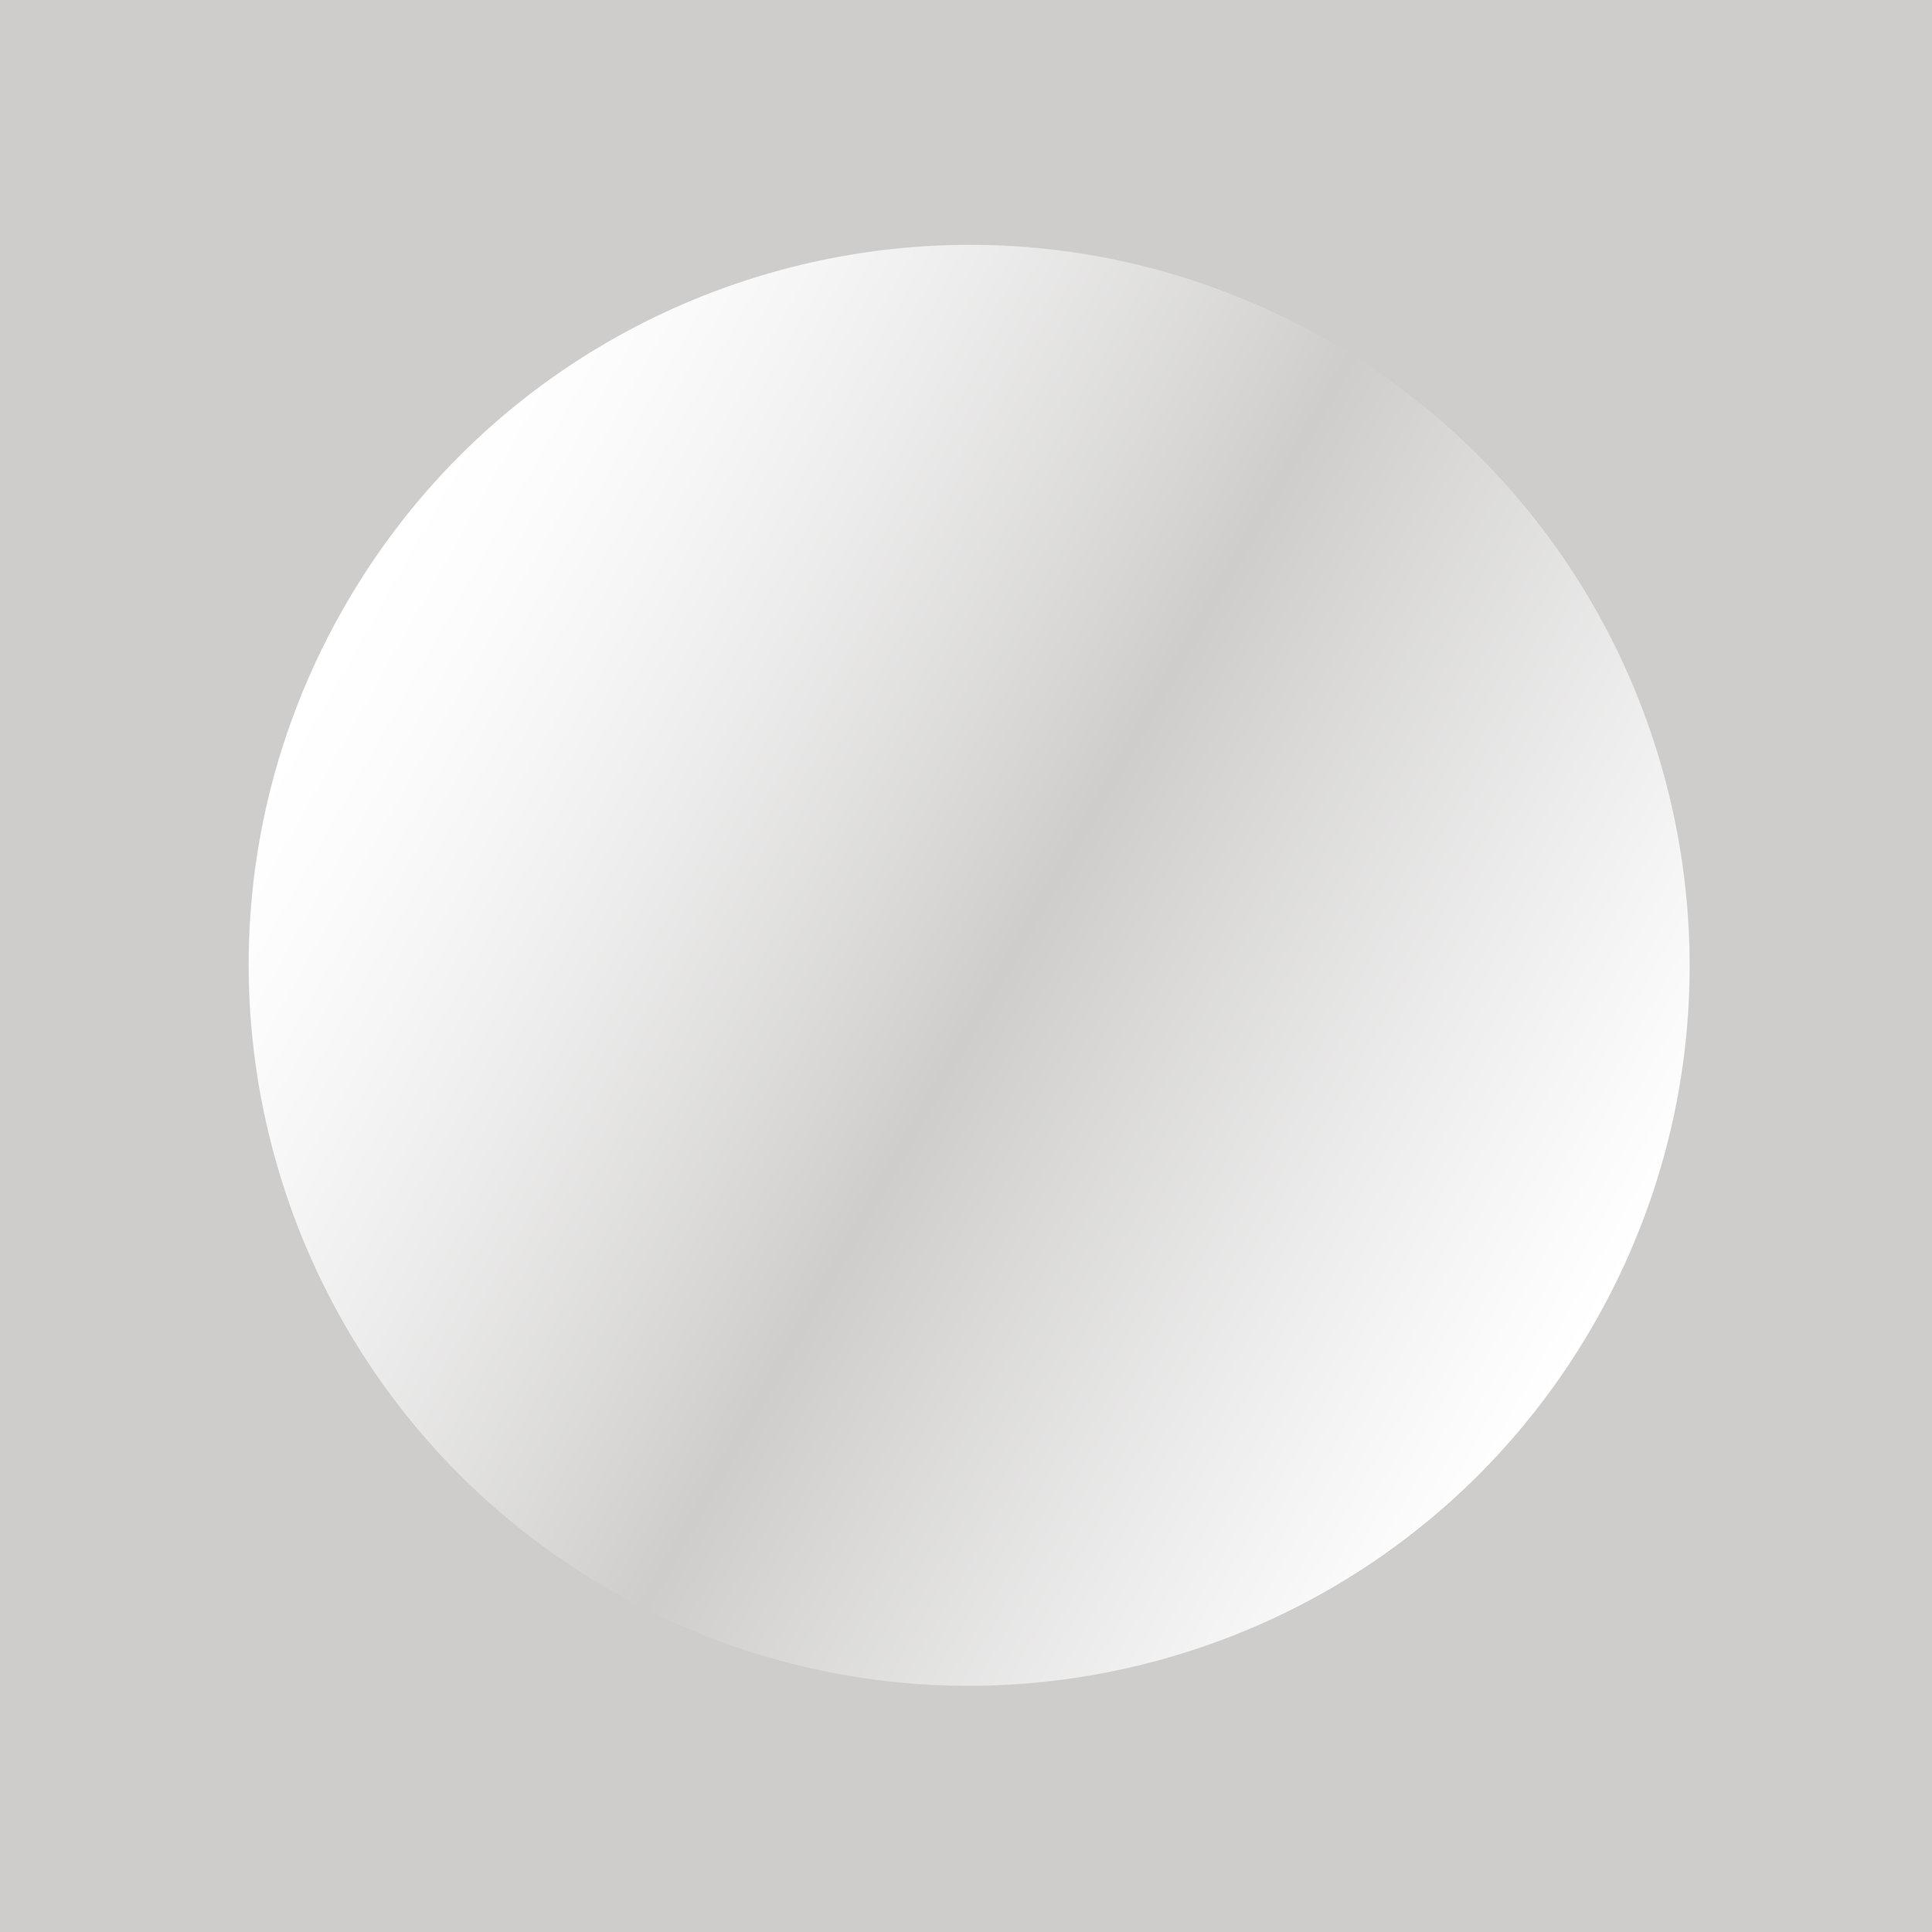 BallPatter_2-34.jpg